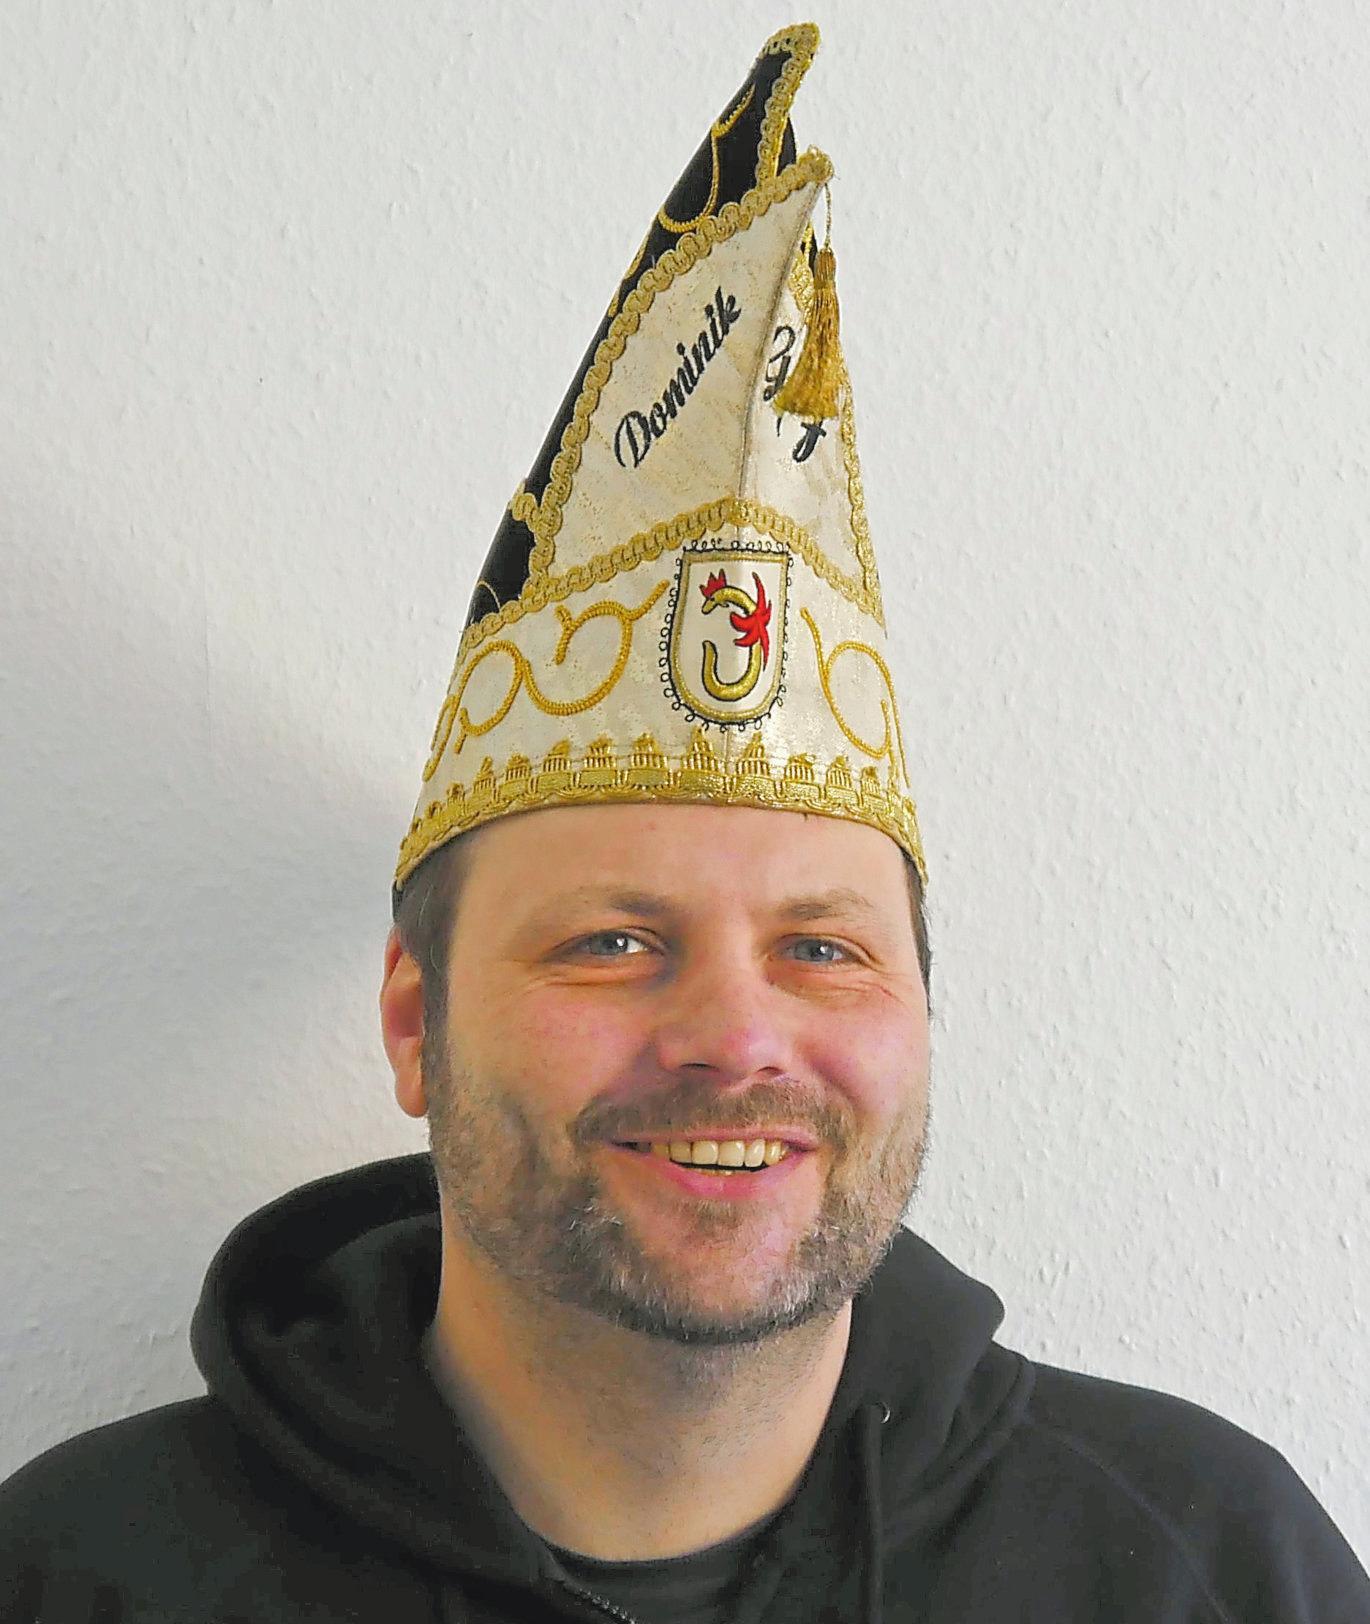 Dominik Isermann ist seit 2016 Präsident der Schwarz-Gelben Funken. Foto: Silke Diecksmeier